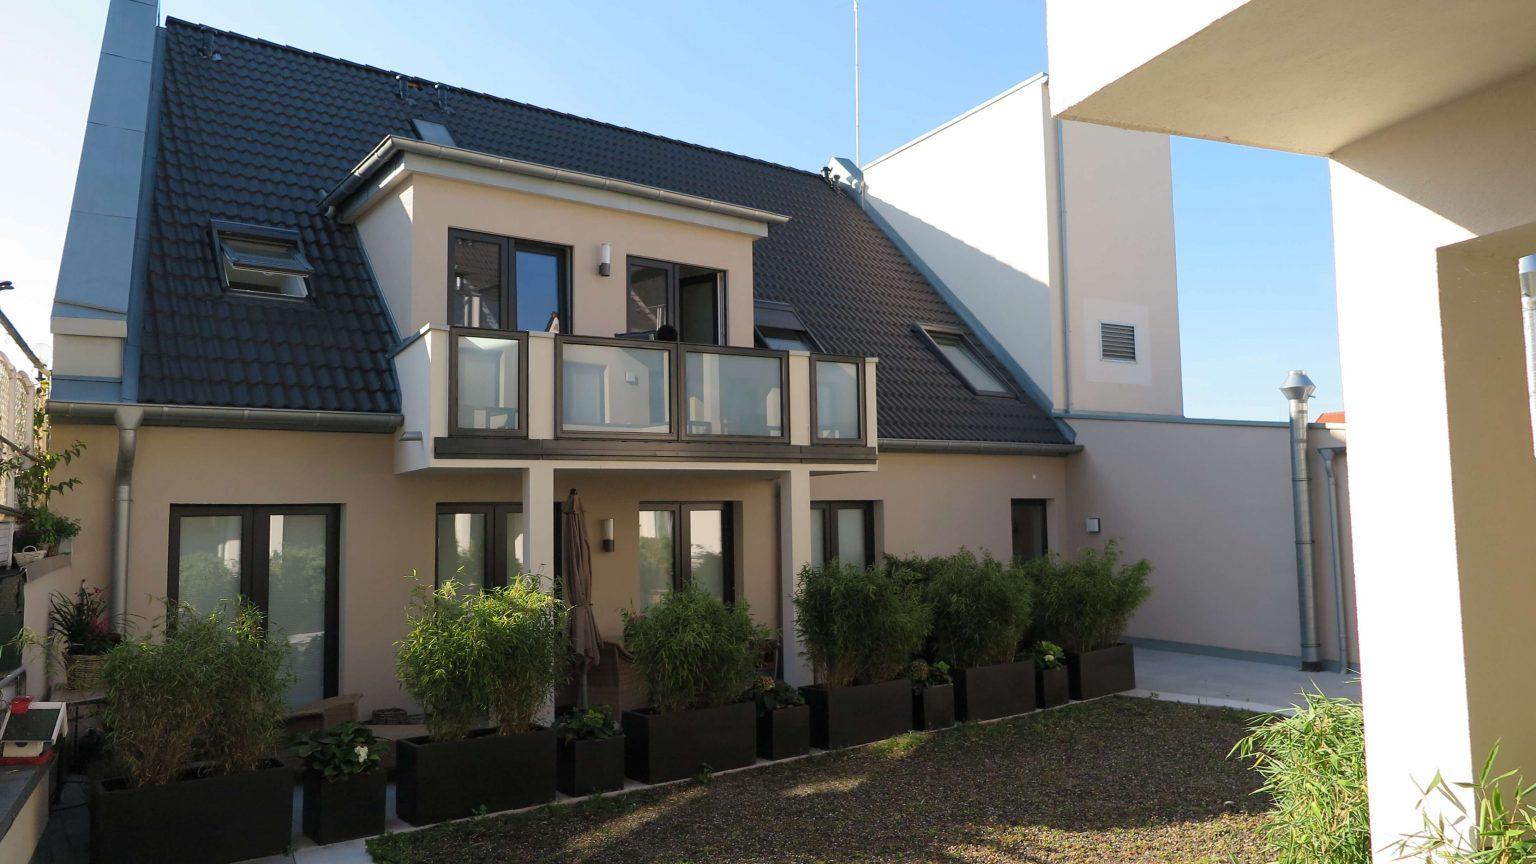 Architekt Koeln Sanierung Hinterhaus